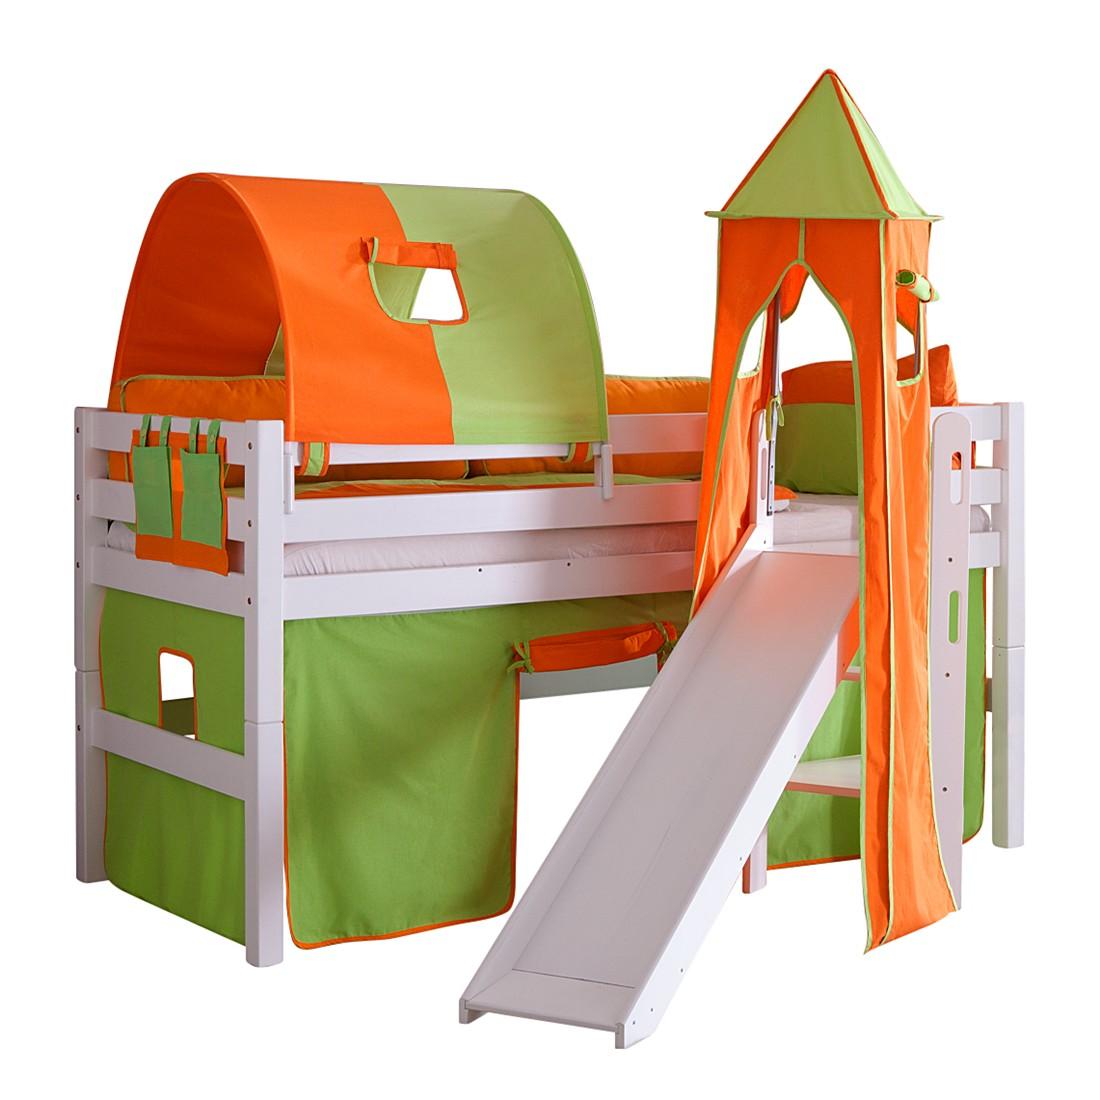 Spielbett Eliyas - mit Rutsche, Vorhang, Tunnel, Turm und Tasche - Buche weiß/Textil grün-orange, Relita